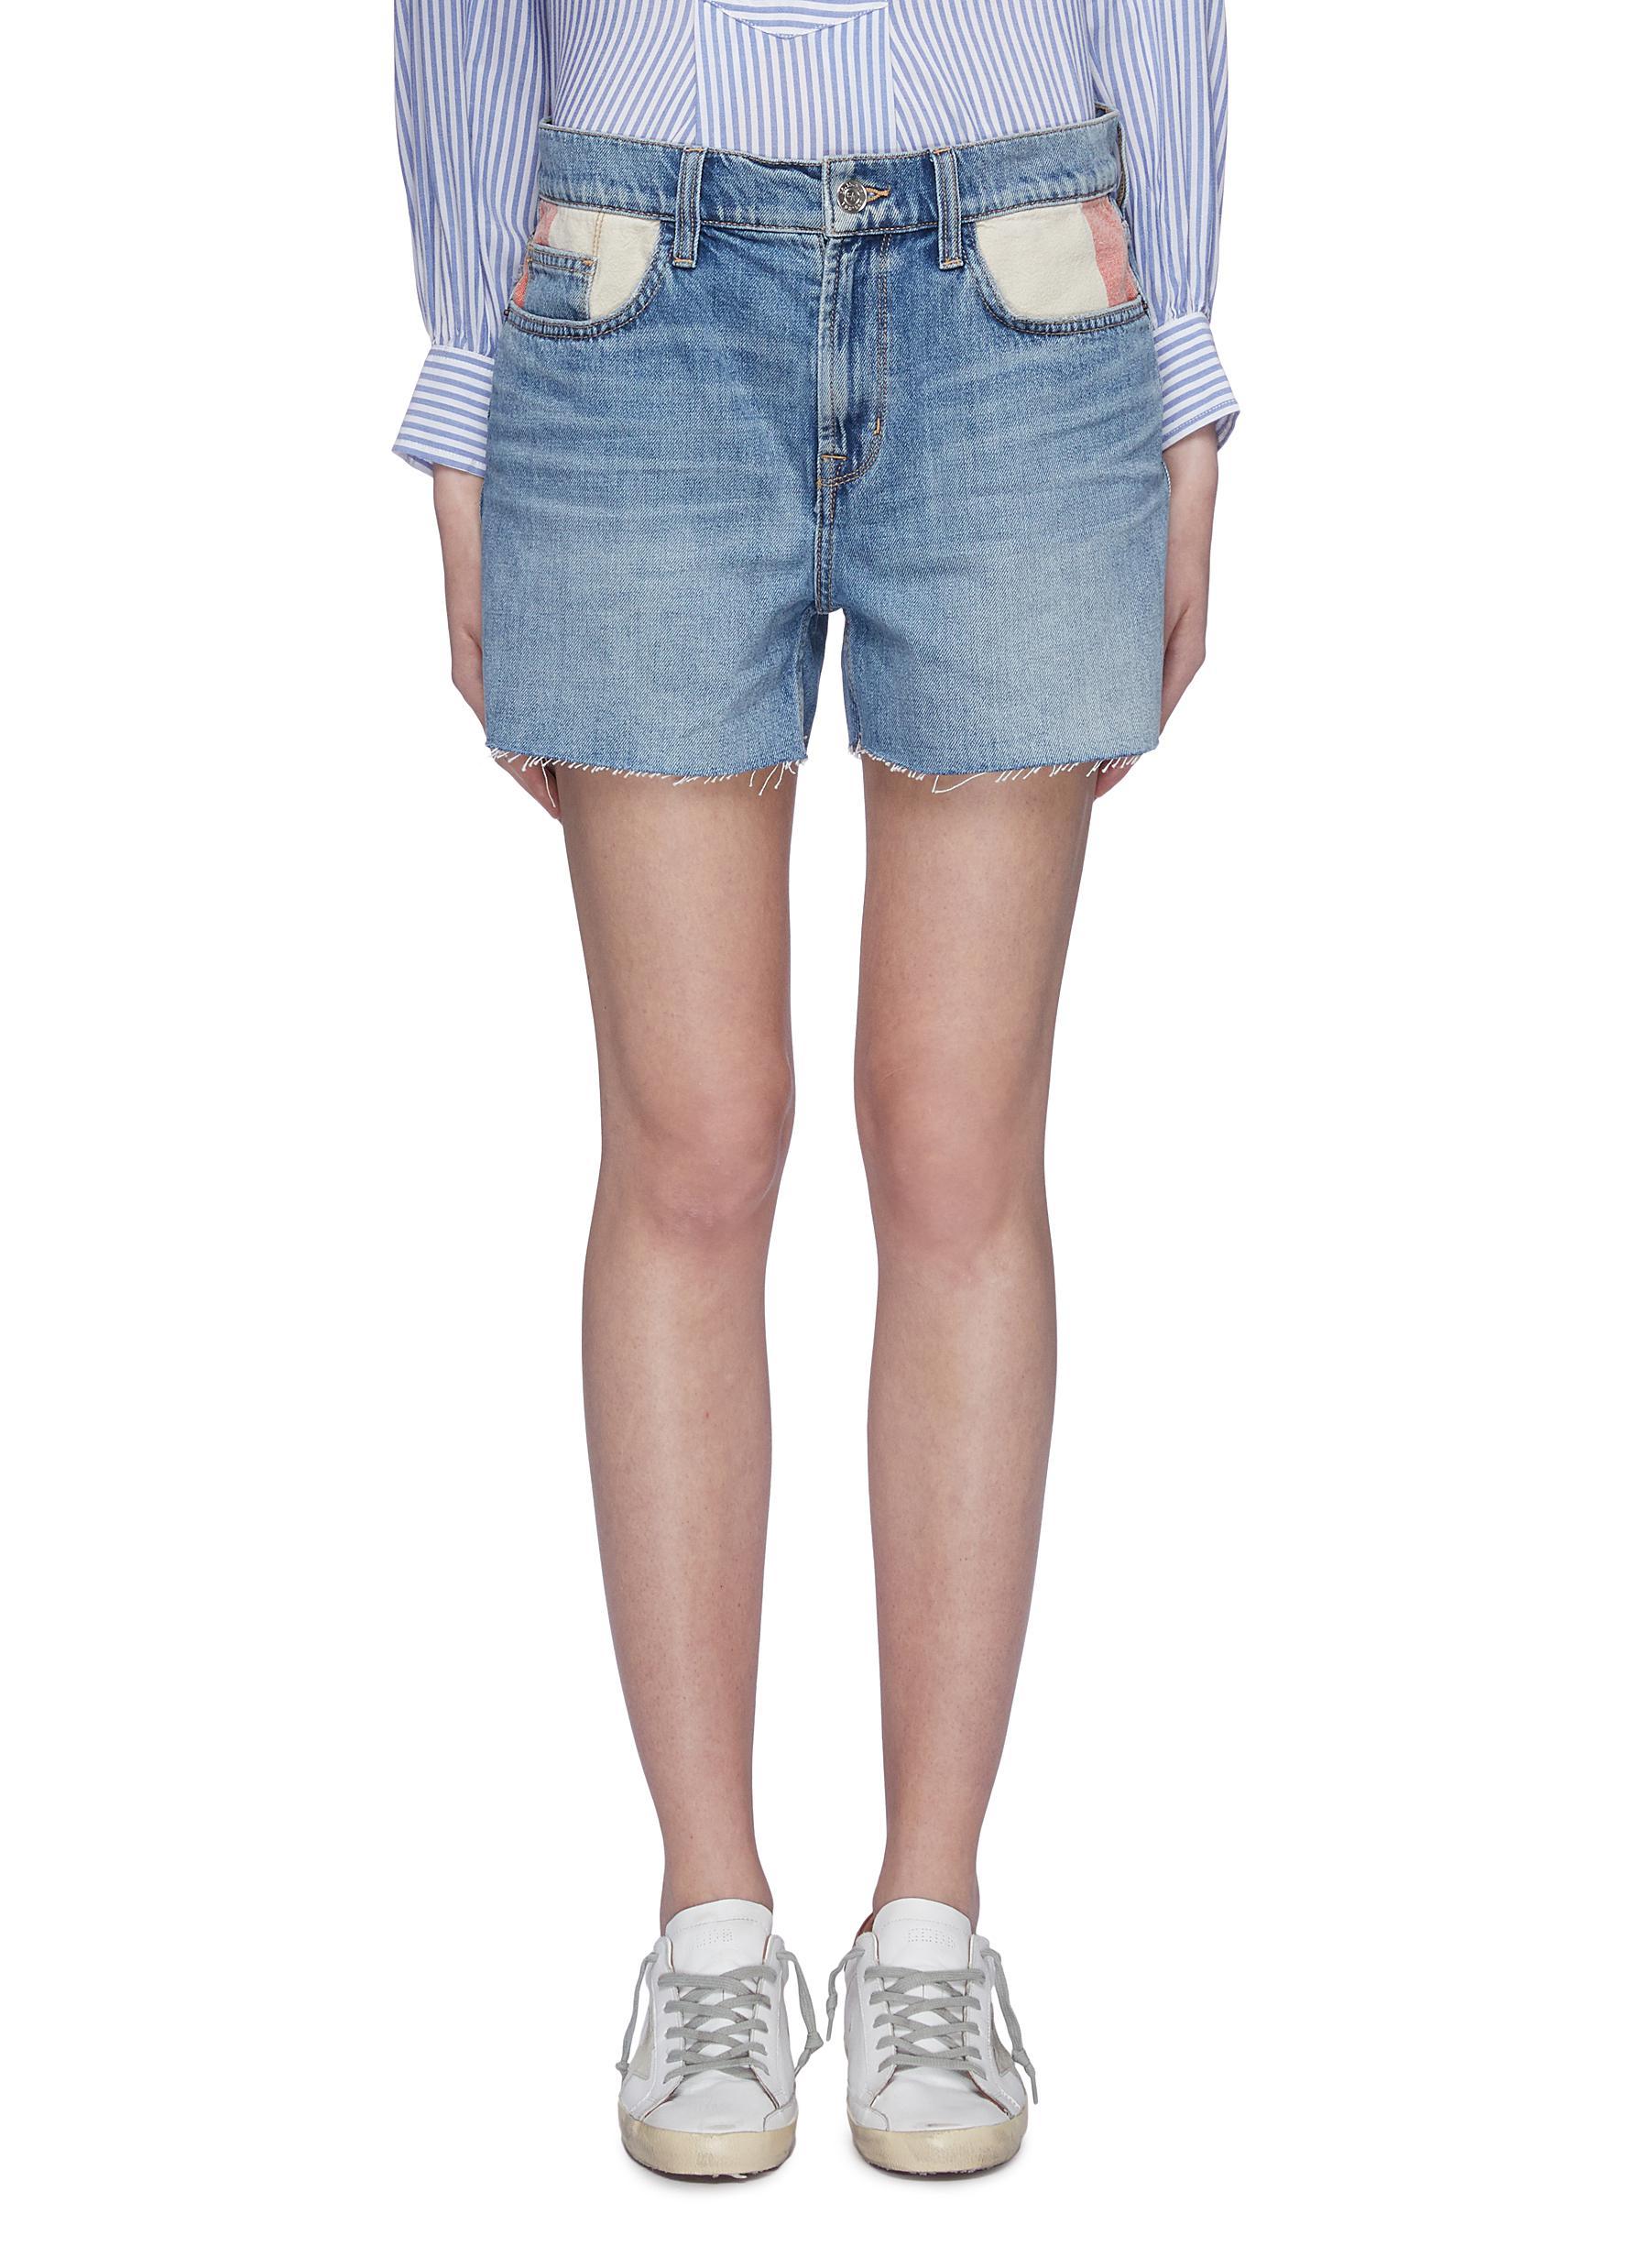 The Aficionado frayed cuff contrast pocket denim shorts by Current/Elliott